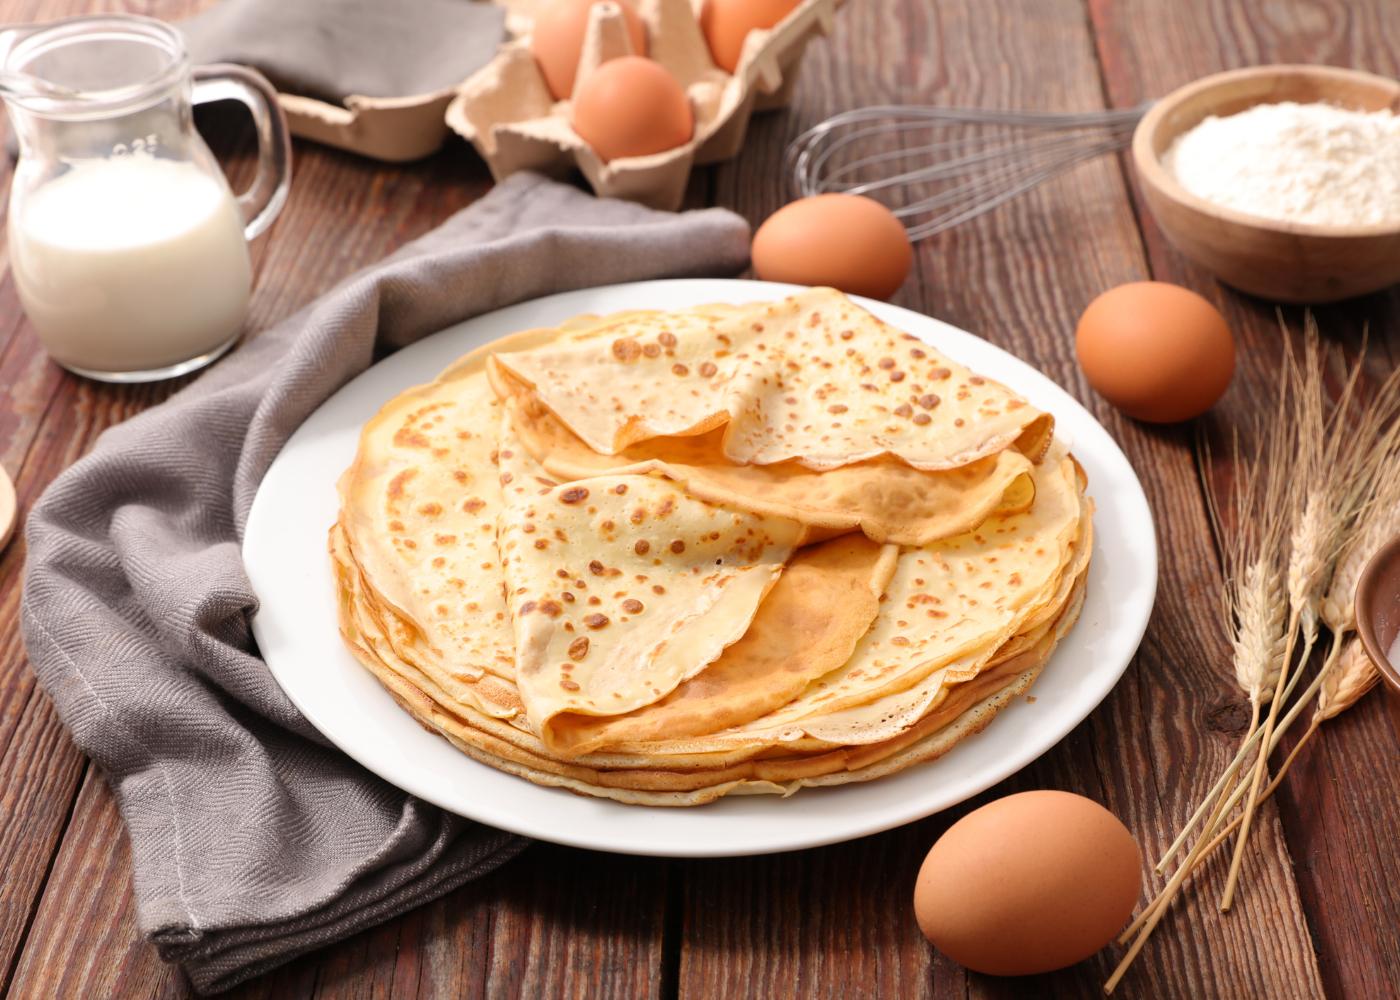 crepes simples: 7 receitas rapidas com sugestoes de toppings e recheios